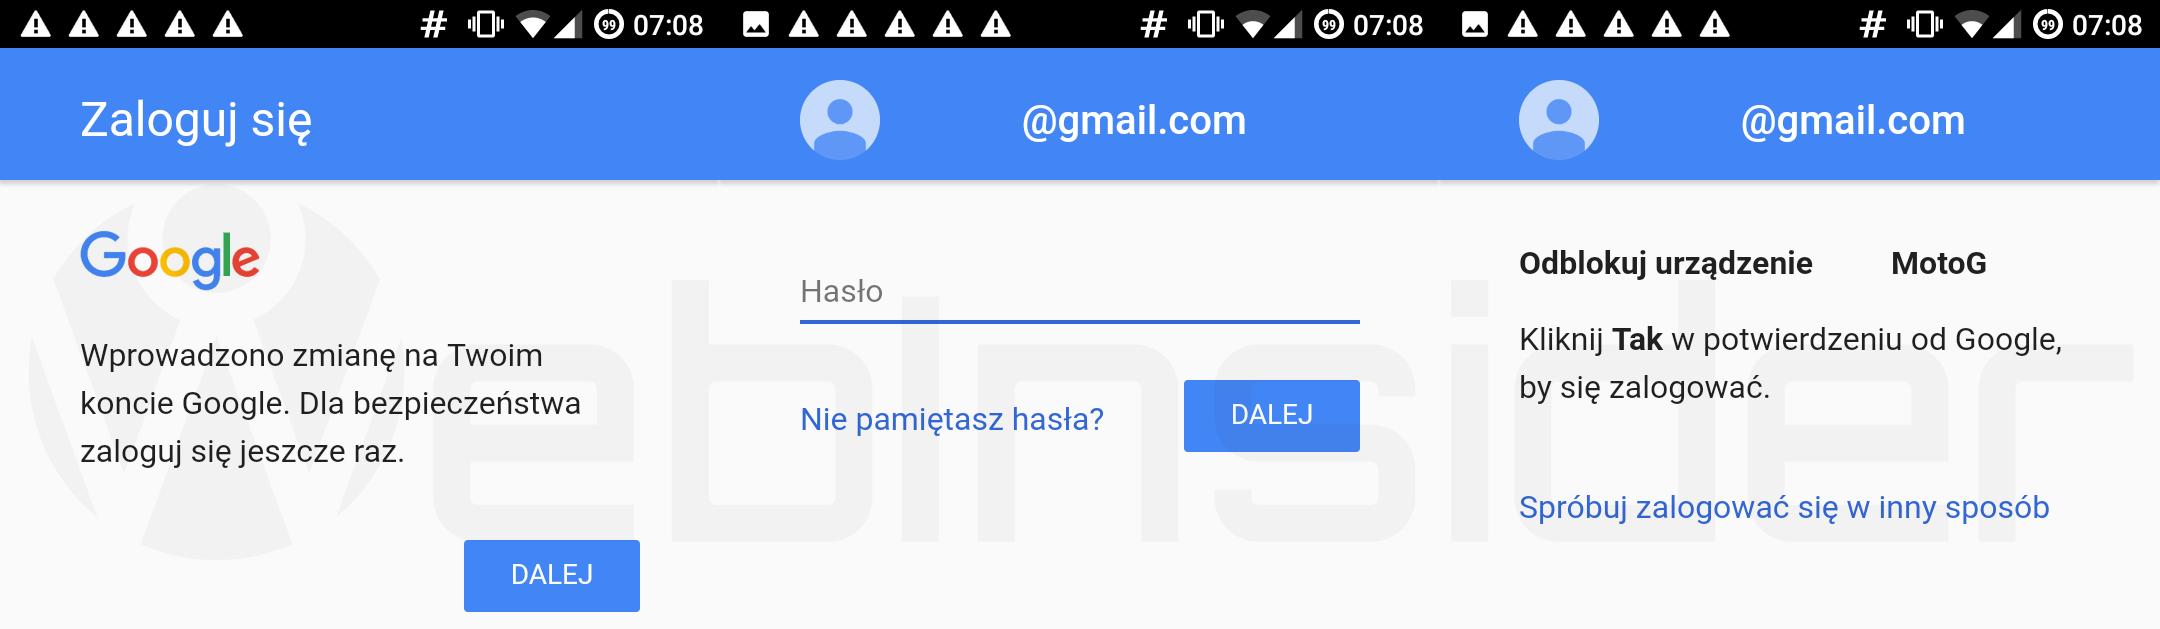 Poczta google zaloguj. Logowanie do poczty e. 2019-09-09